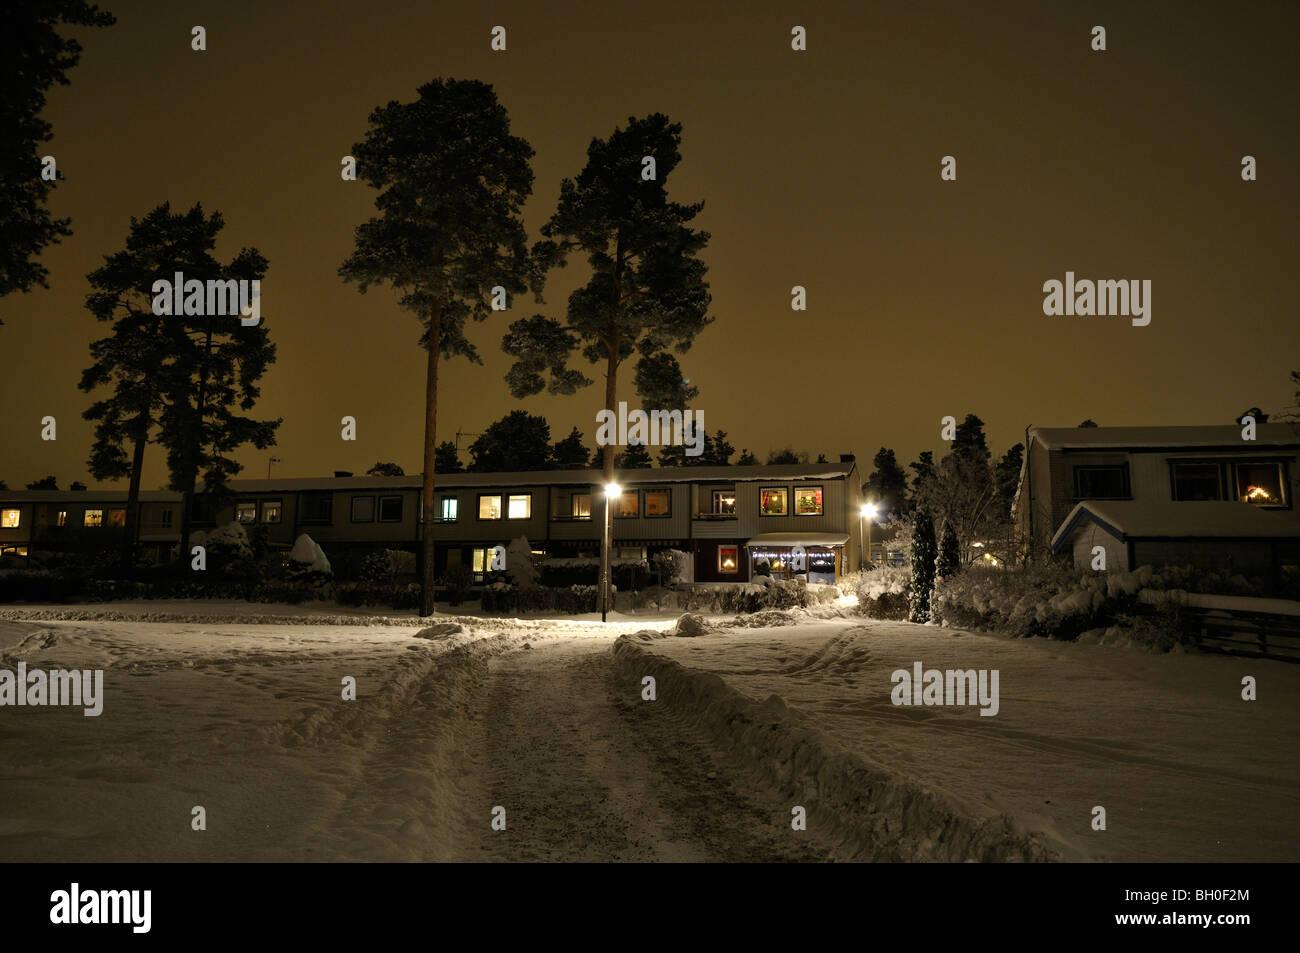 Winternacht in einem Stockholmer Vorort. Stockfoto